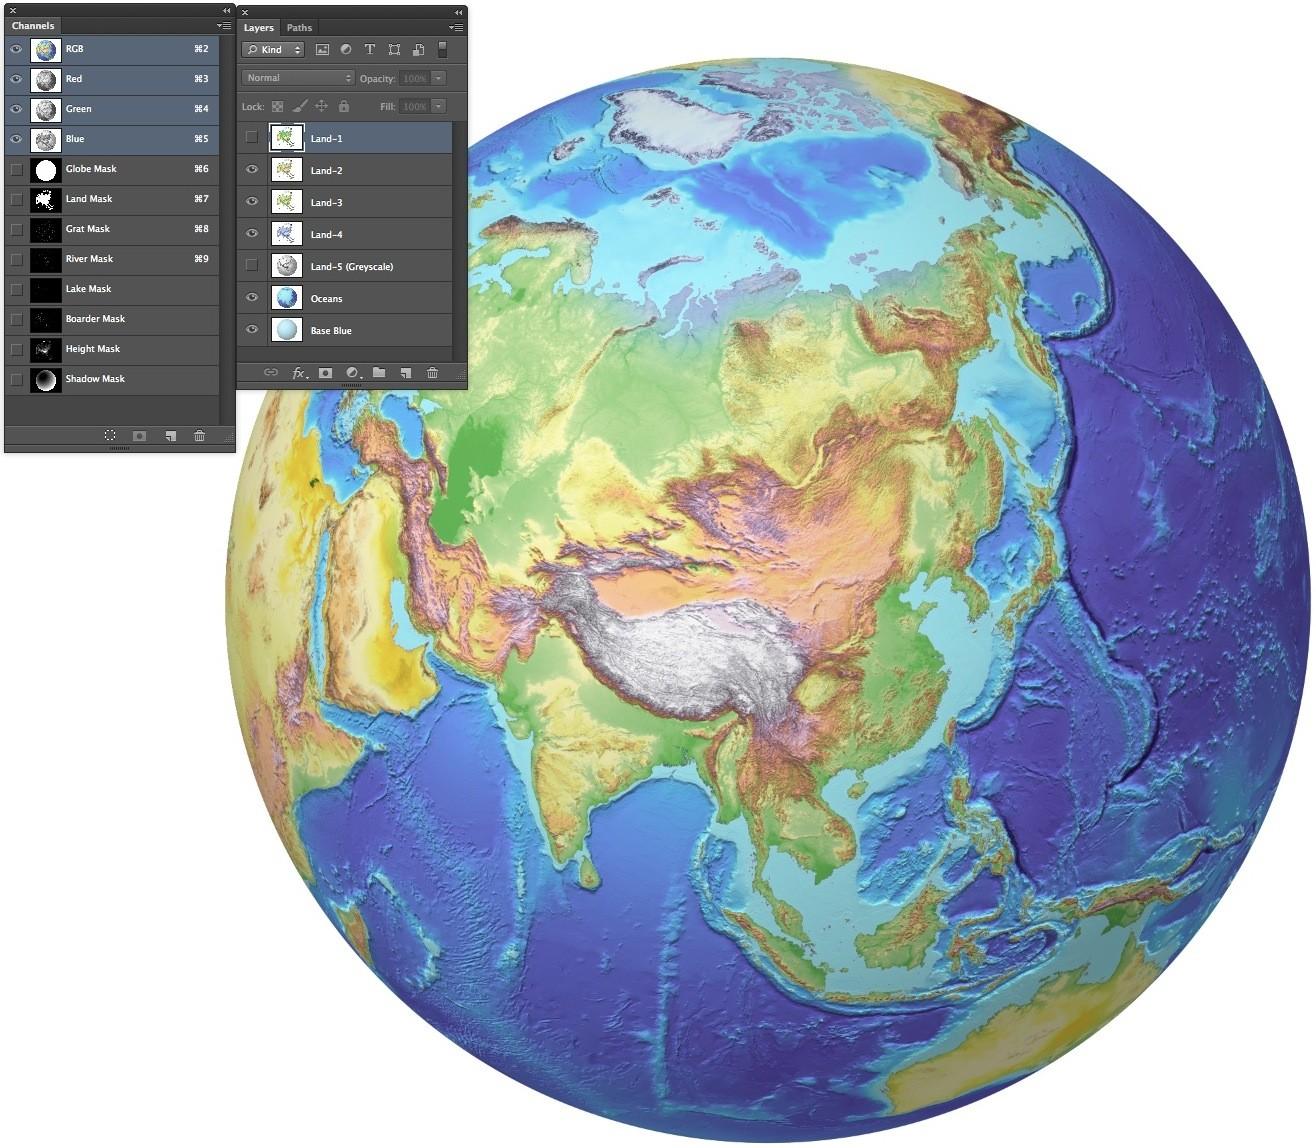 Globe 40n 100e 4 colour multi layered photoshop format with a set globe 40n 100e 4 colour multi layered photoshop format with a set gumiabroncs Choice Image